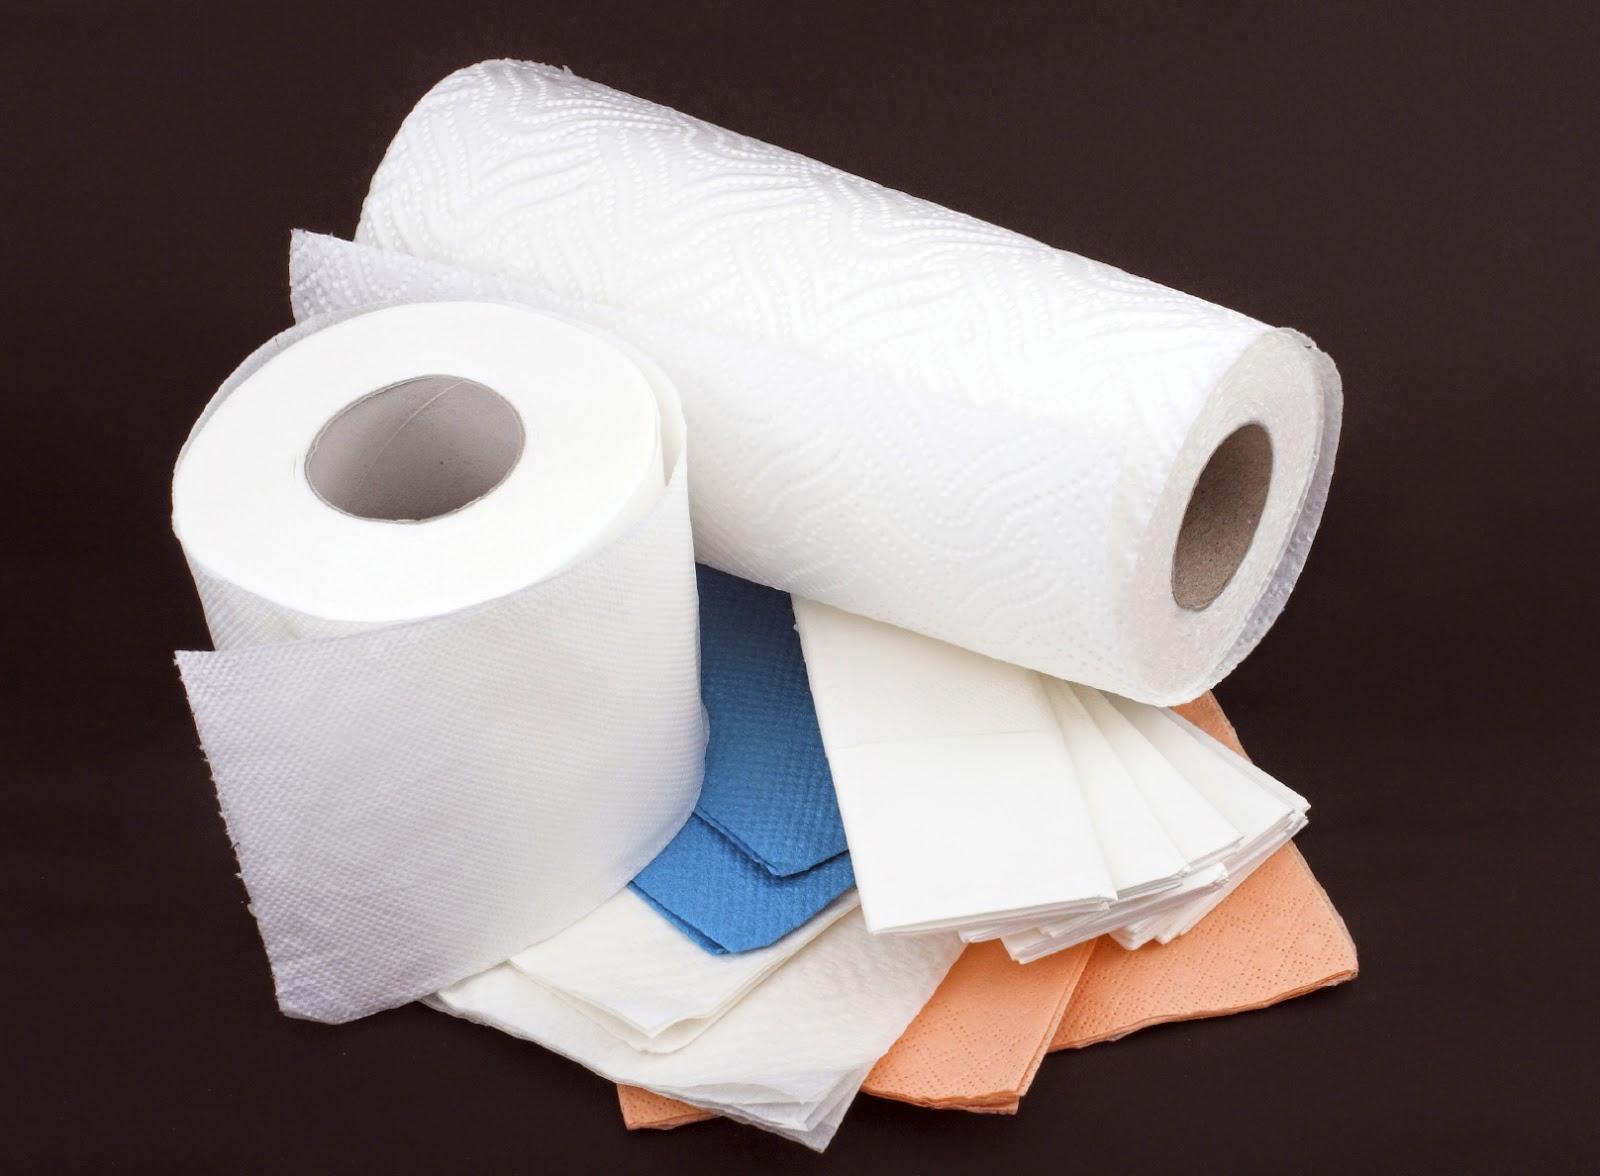 paper towls